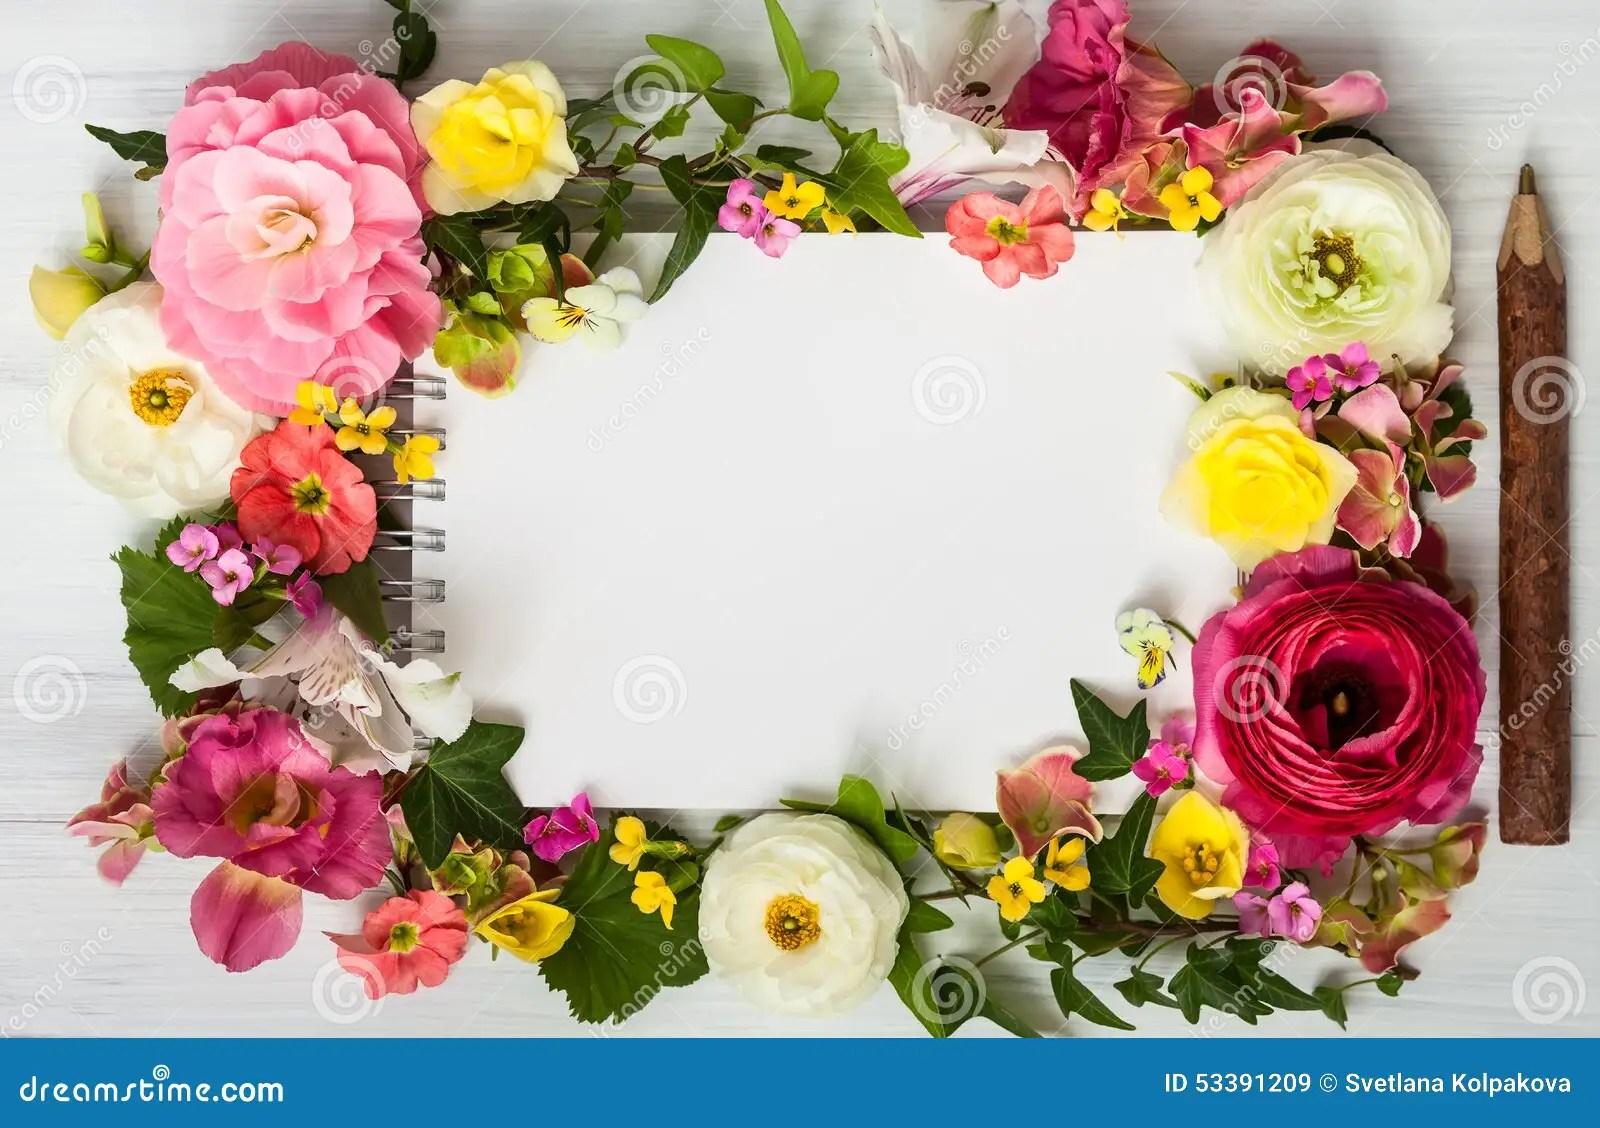 Pink Gerbera Daisy Bouquet